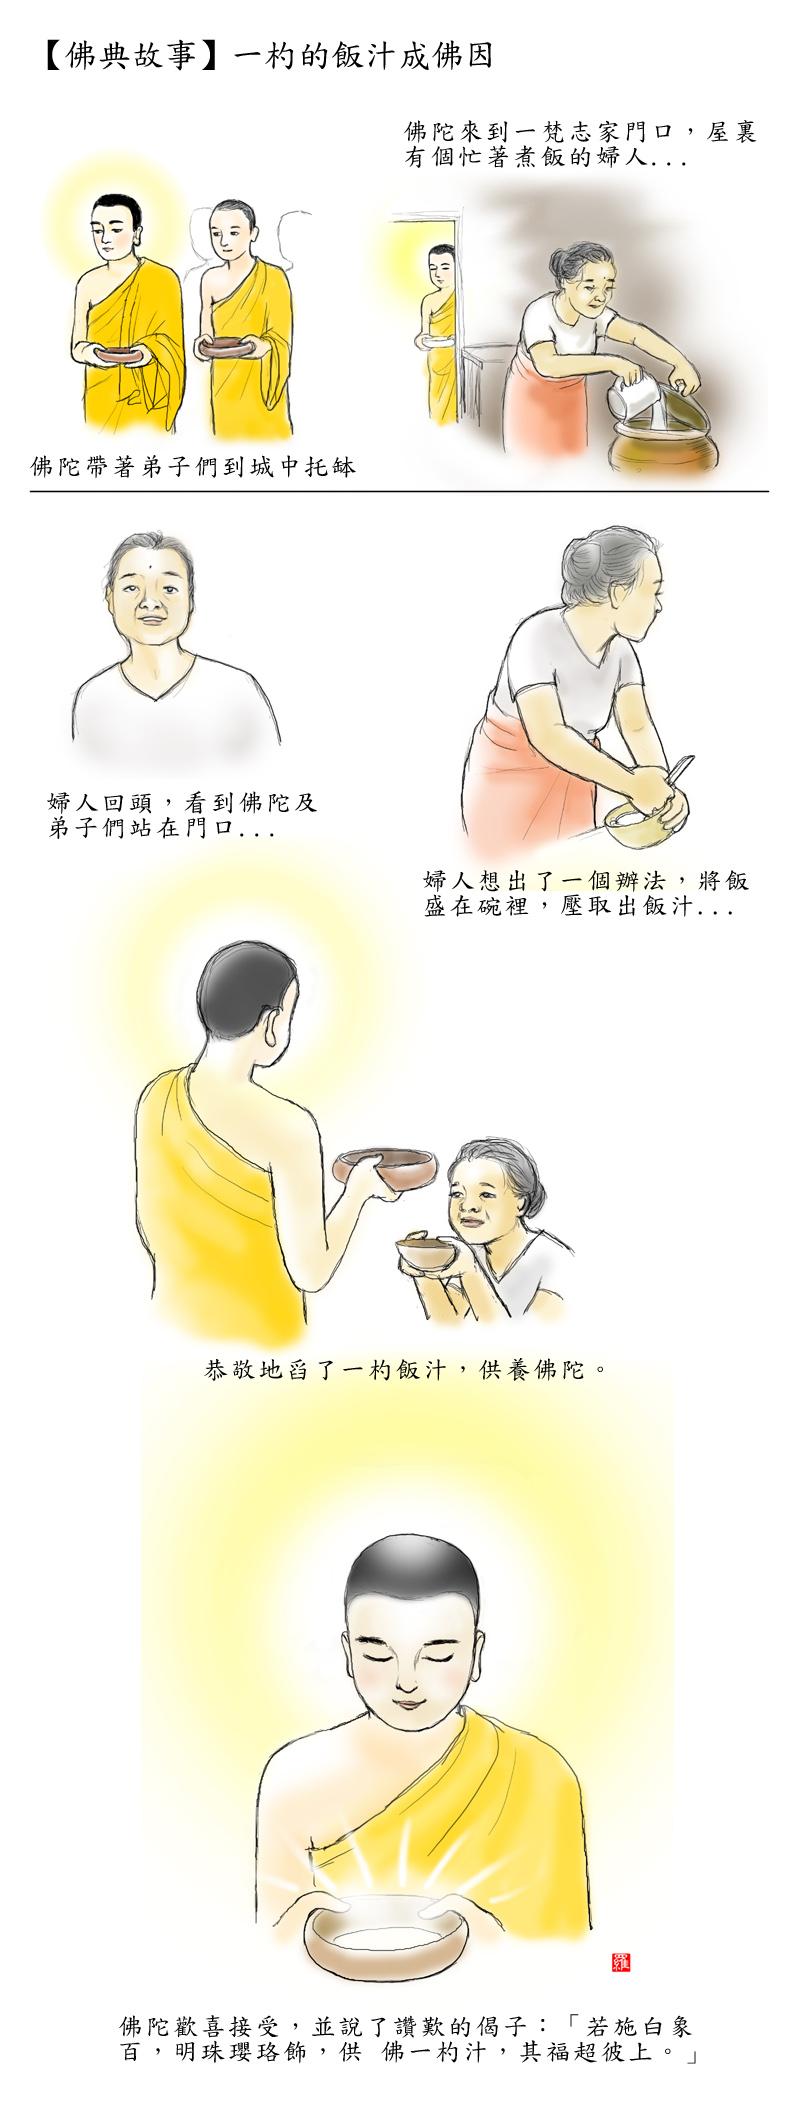 漫畫一勺飯汁.jpg